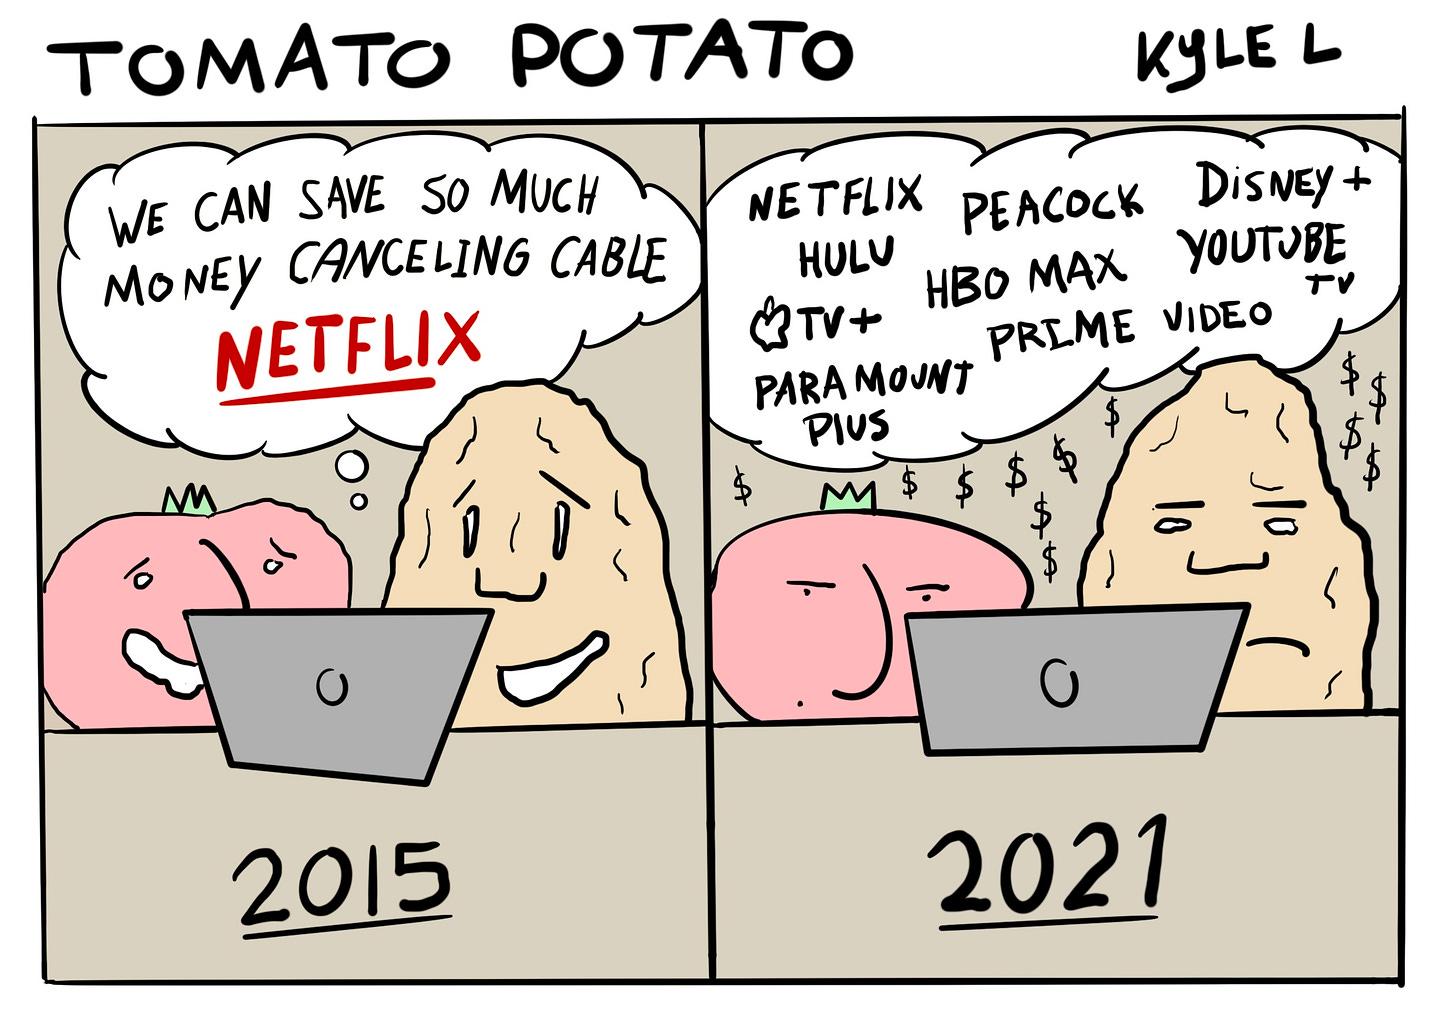 Tomato Potato web comic